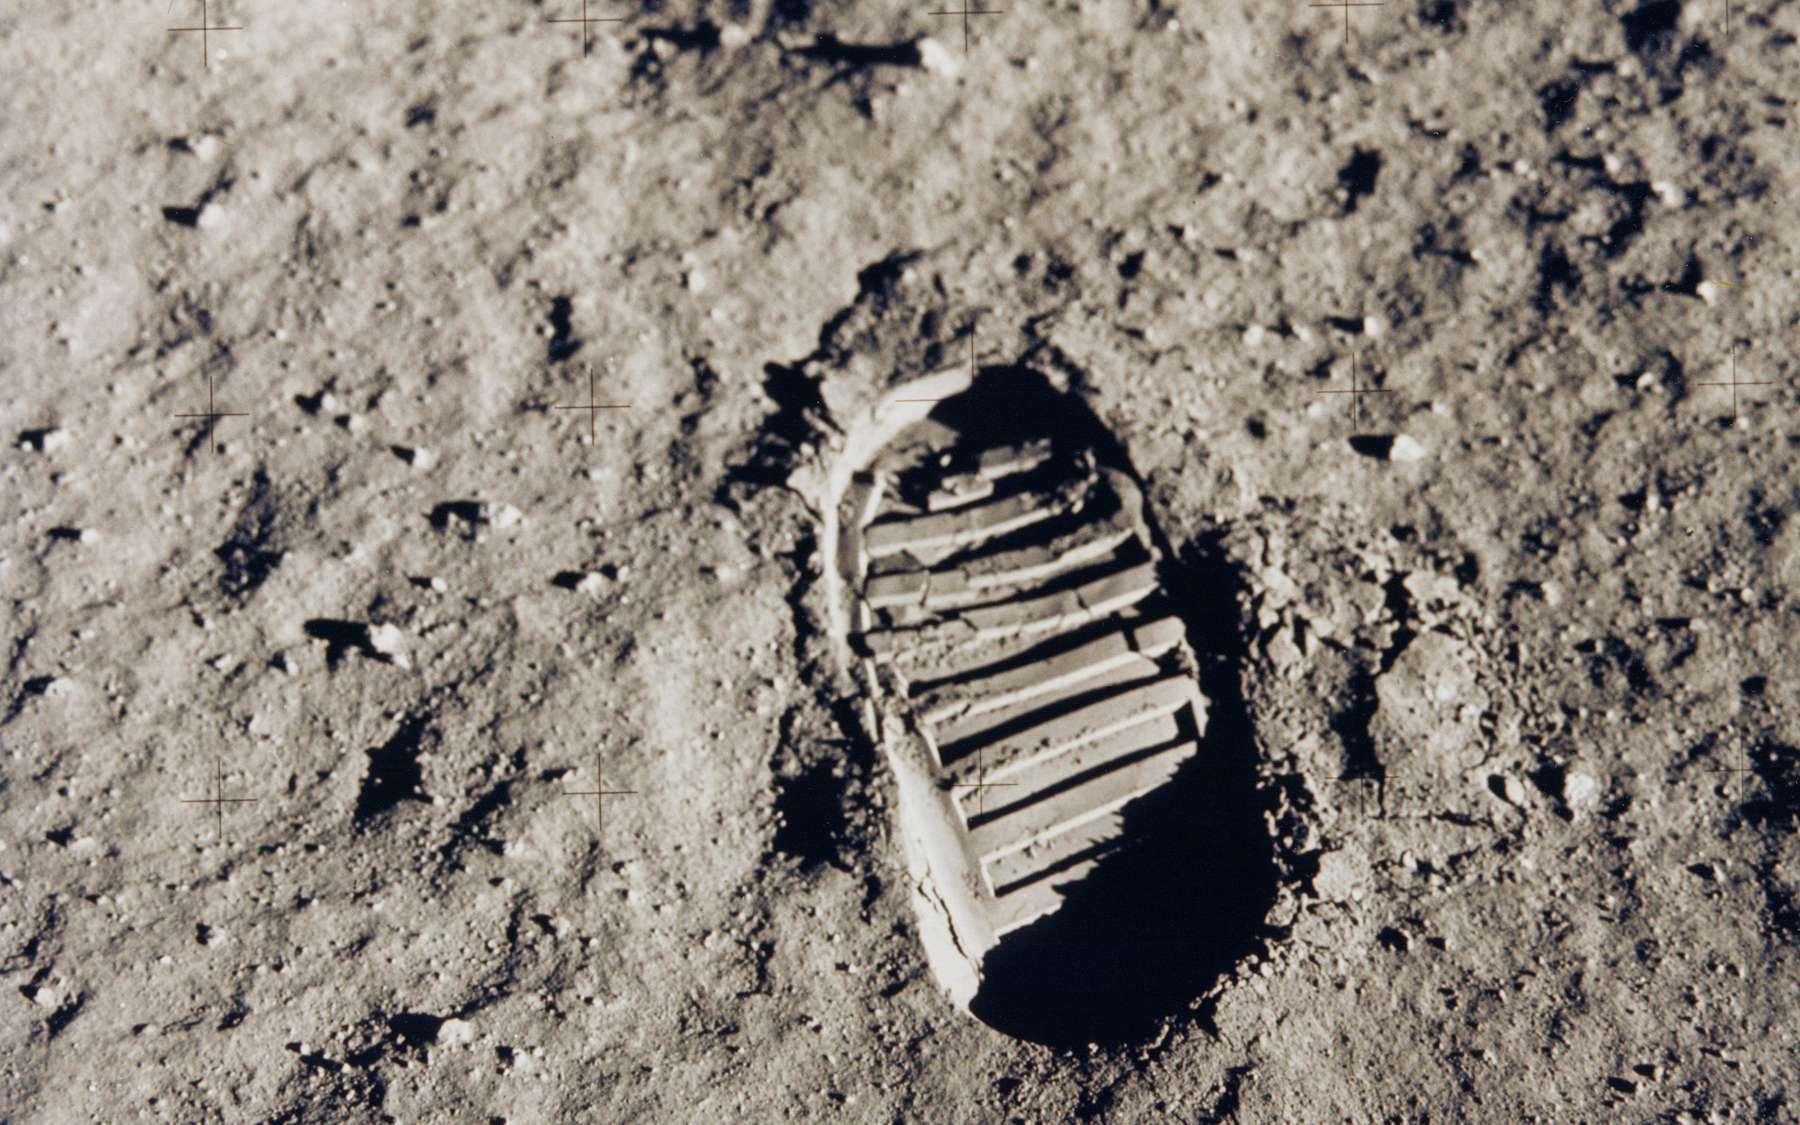 Les années 2020 verront-elles le retour d'humains sur la Lune ? On peut raisonnablement répondre par l'affirmative. © Nasa